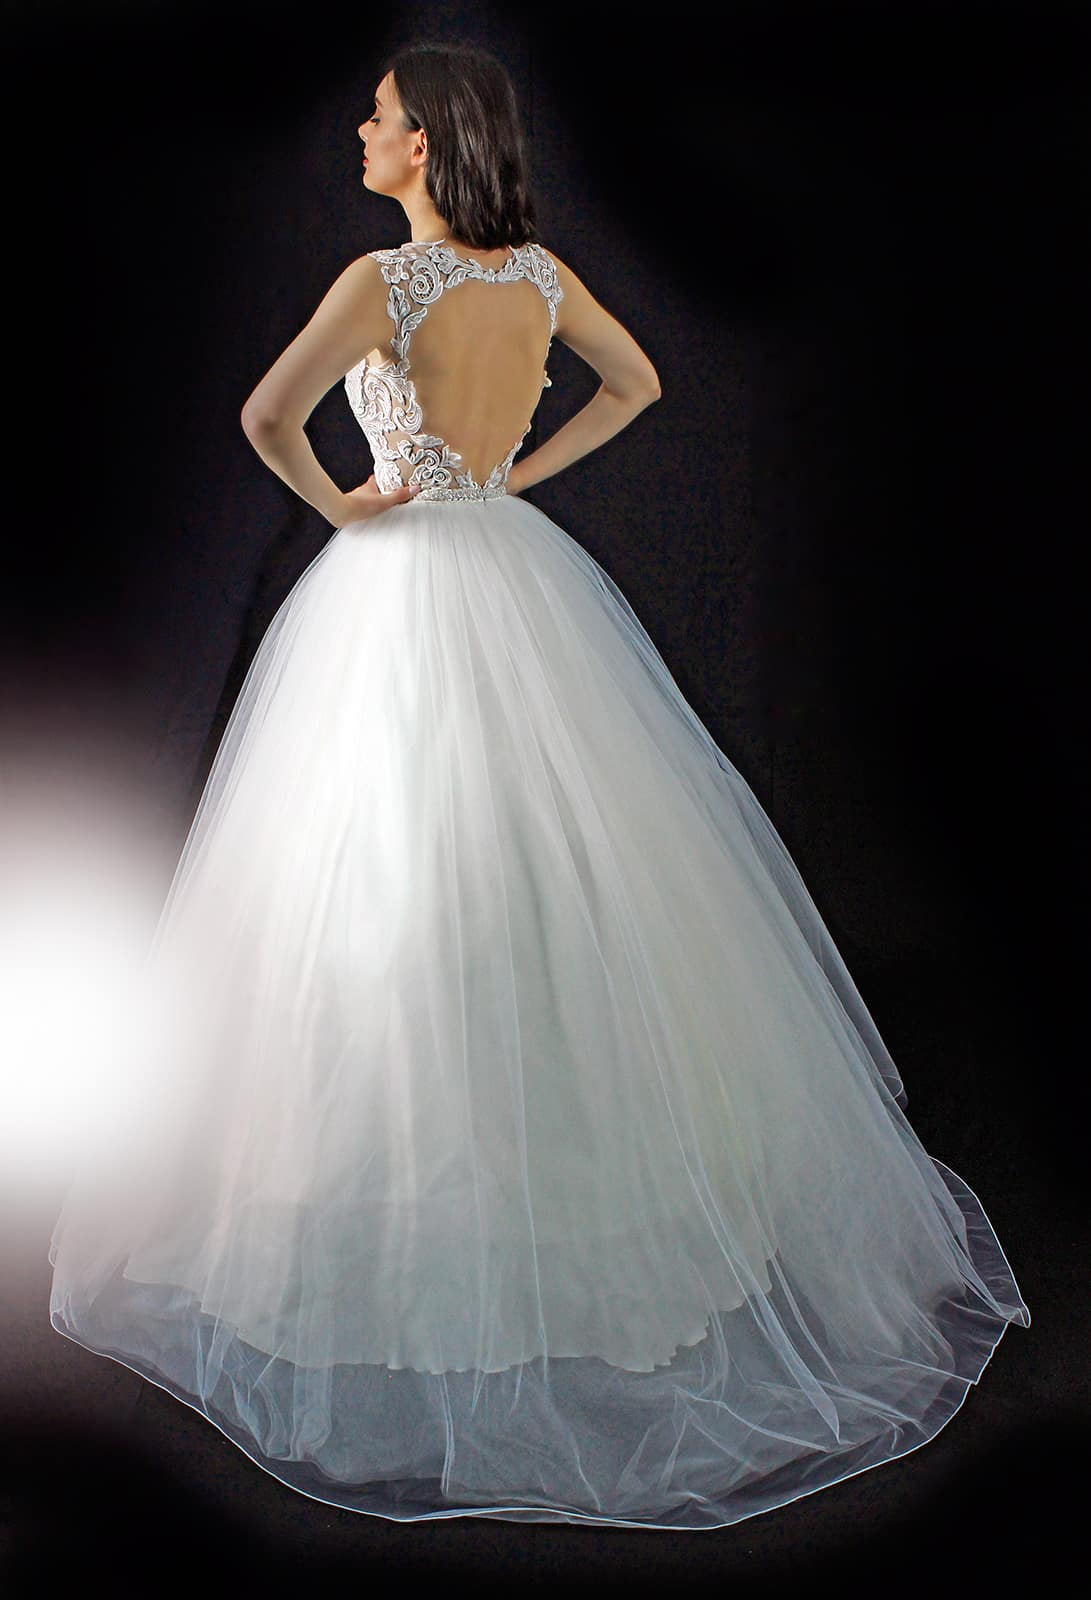 Rochie de mireasa Plevna Model - Colectia Dreams - Adora Sposa (3)